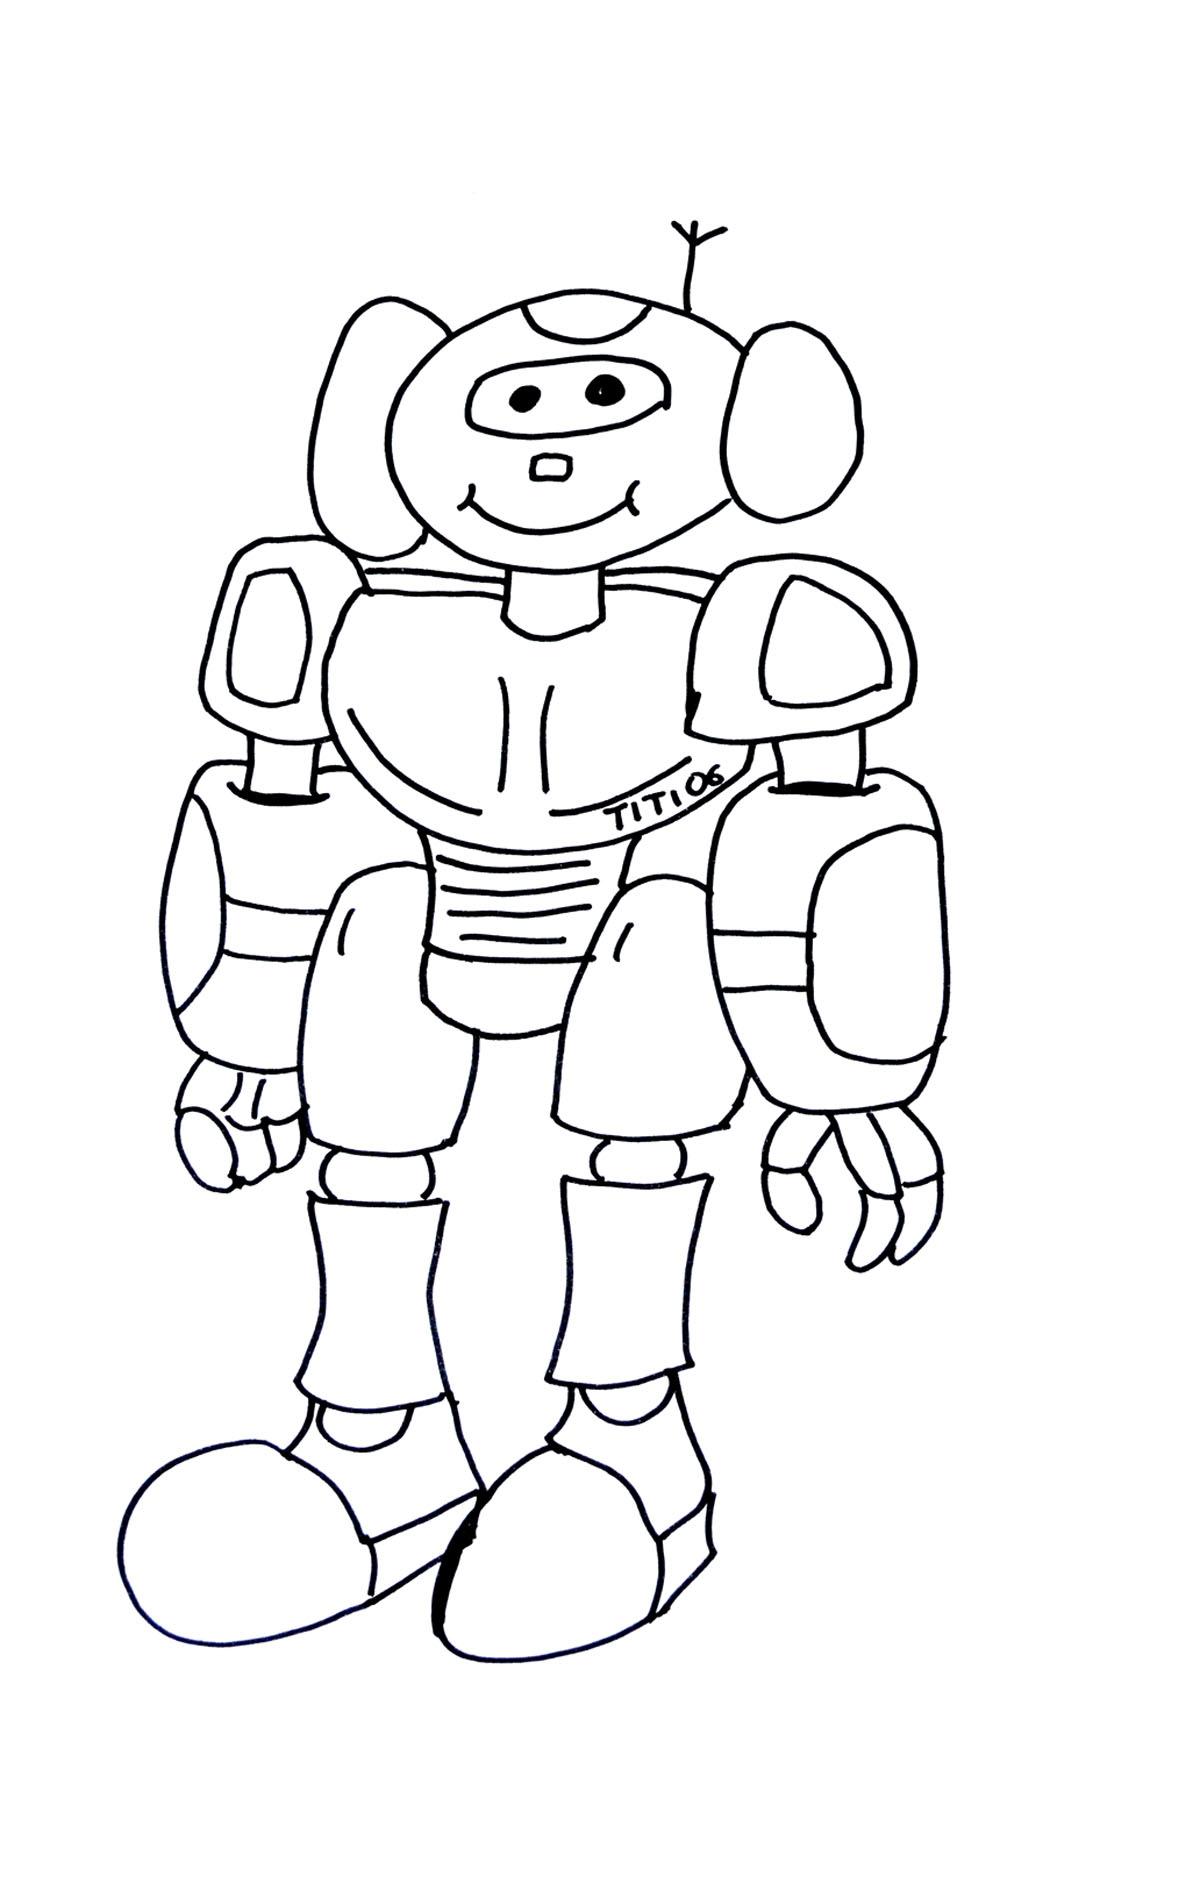 Coloriage De Robots À Imprimer Pour Enfants - Coloriage De à Coloriage Robot À Imprimer